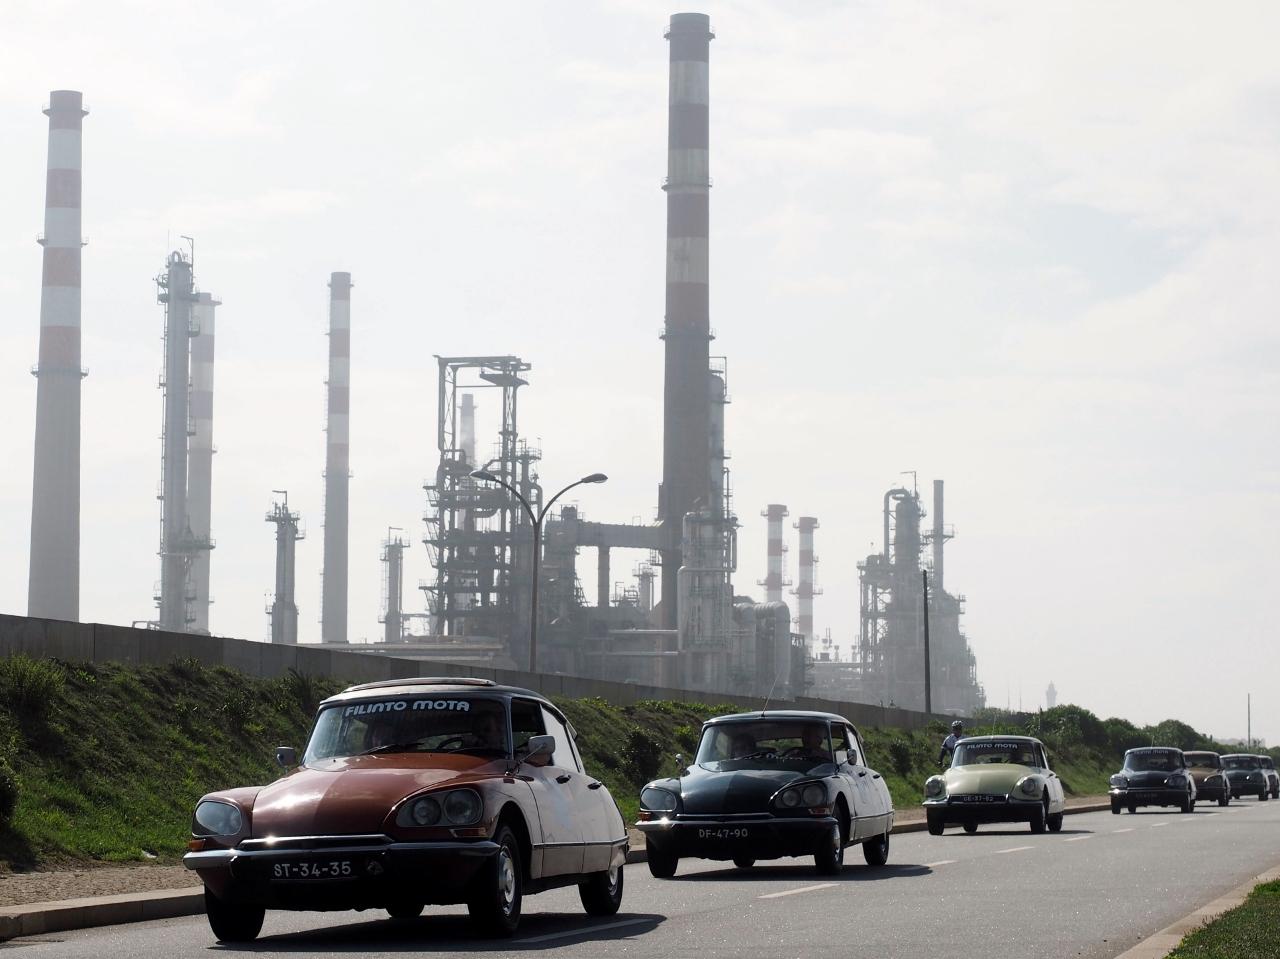 Passeio de Clássicos Citroën comemora 60 anos do modelo DS